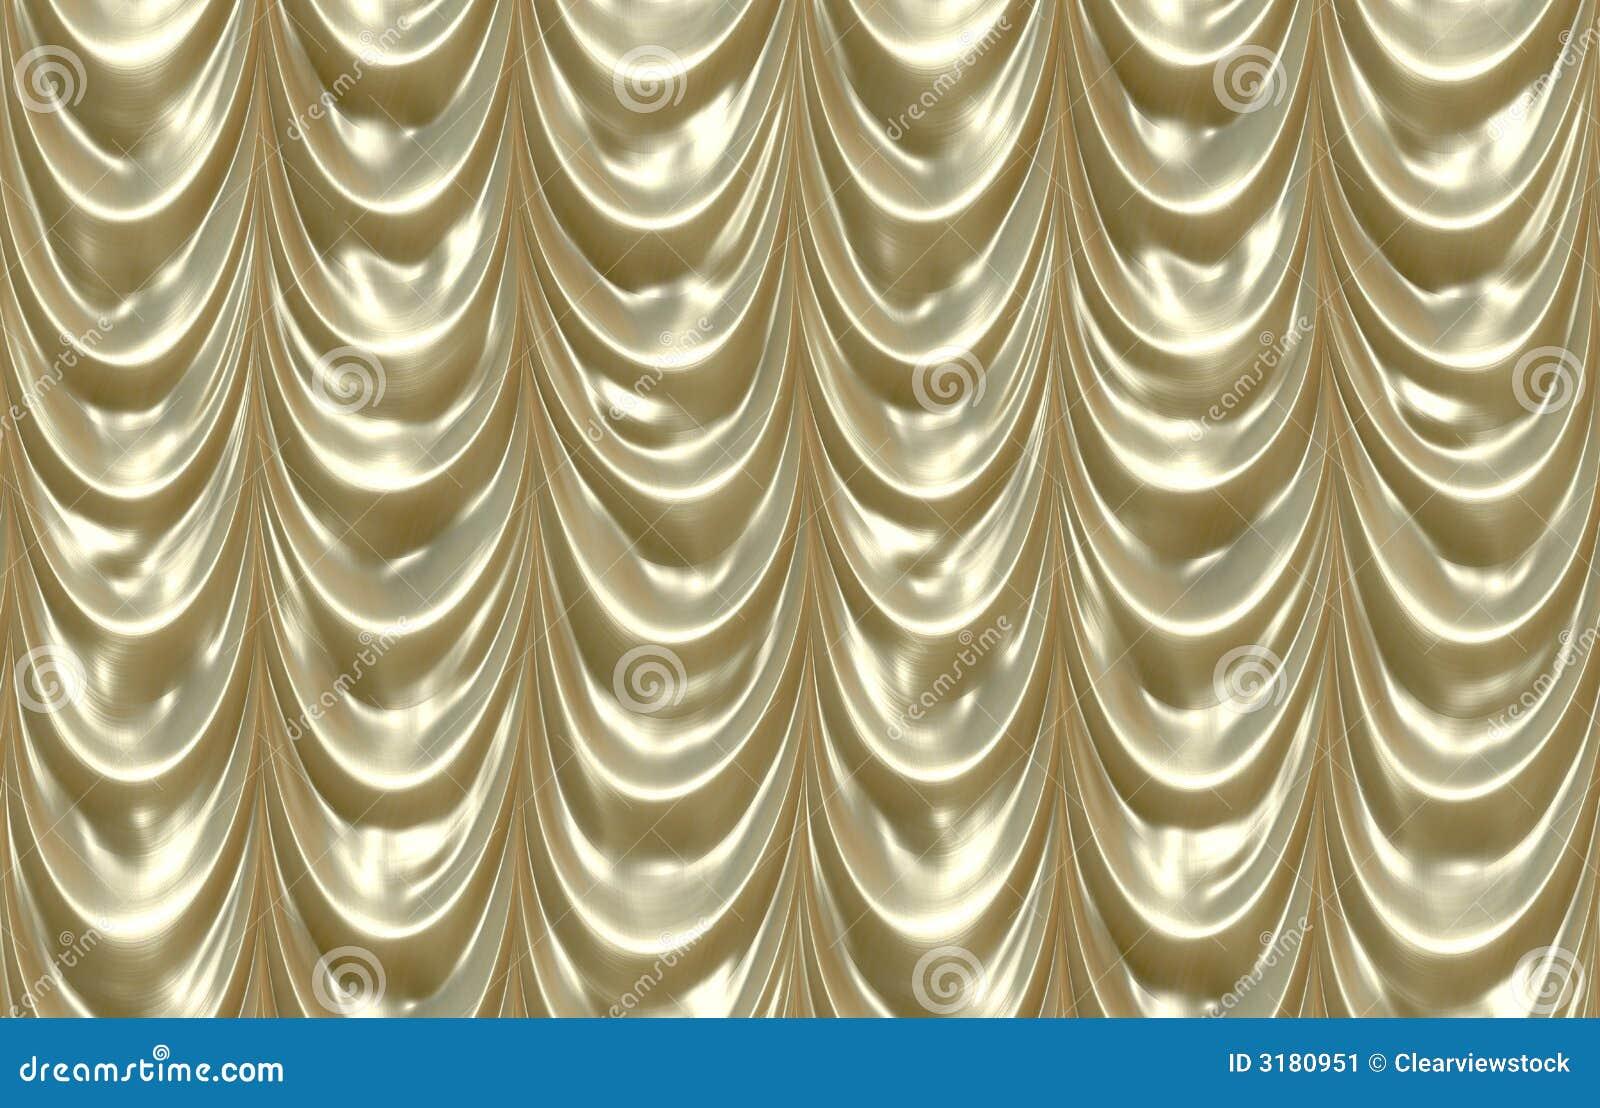 luxurious shiny gold curtains stock image image 3180951